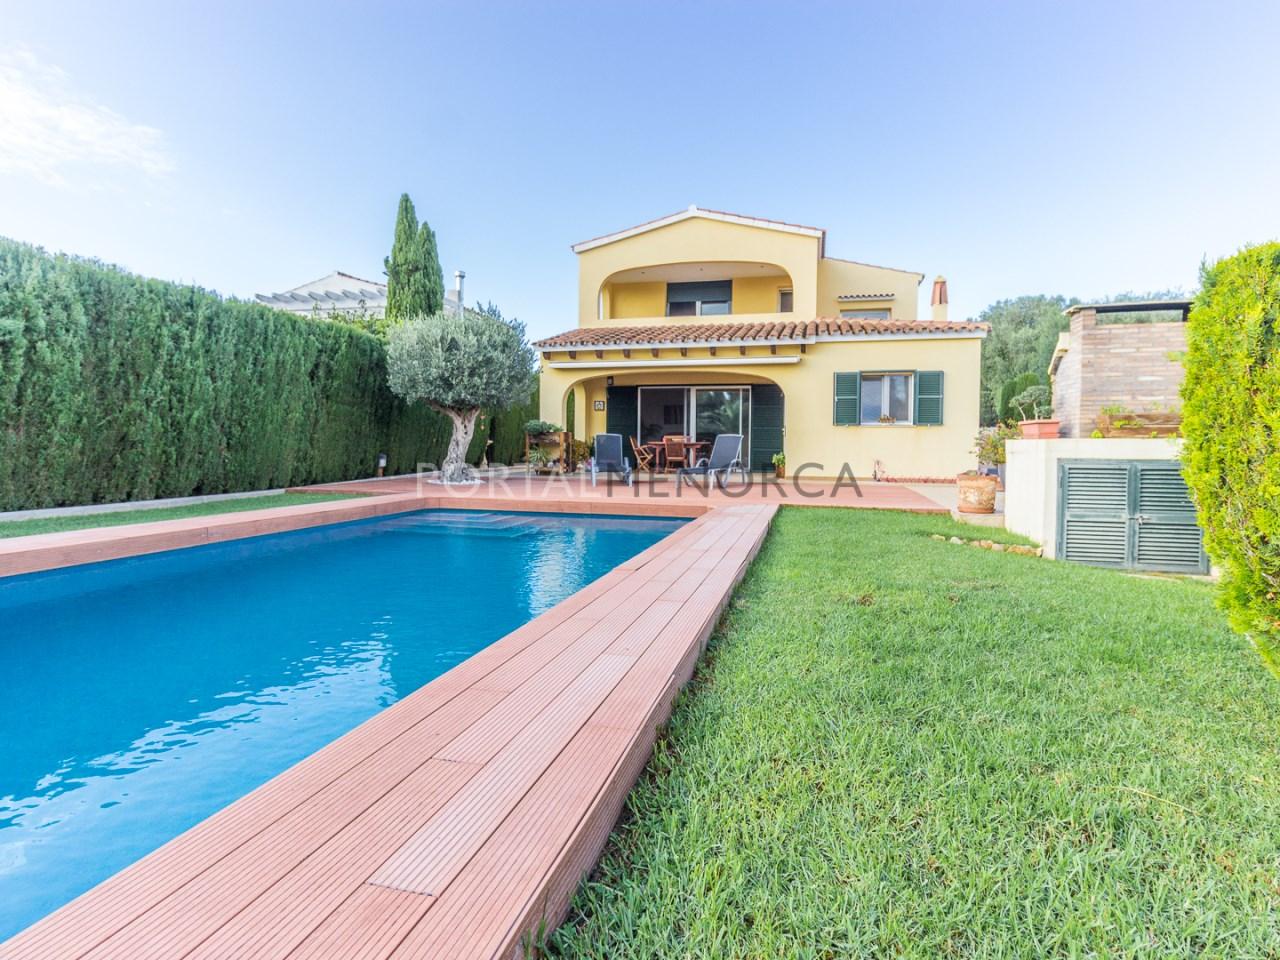 maison a vendre a Trebaluger Minorque (4 de 6)